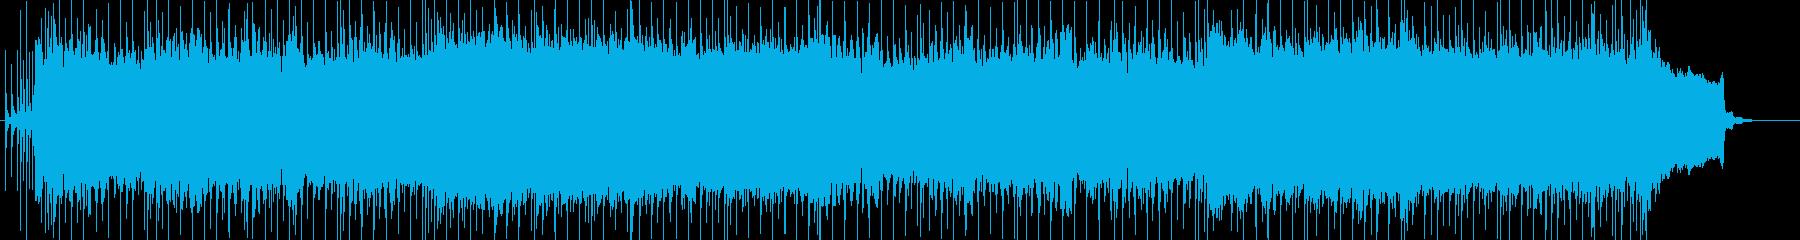 ライブ感のあるロック・フュージョンの再生済みの波形